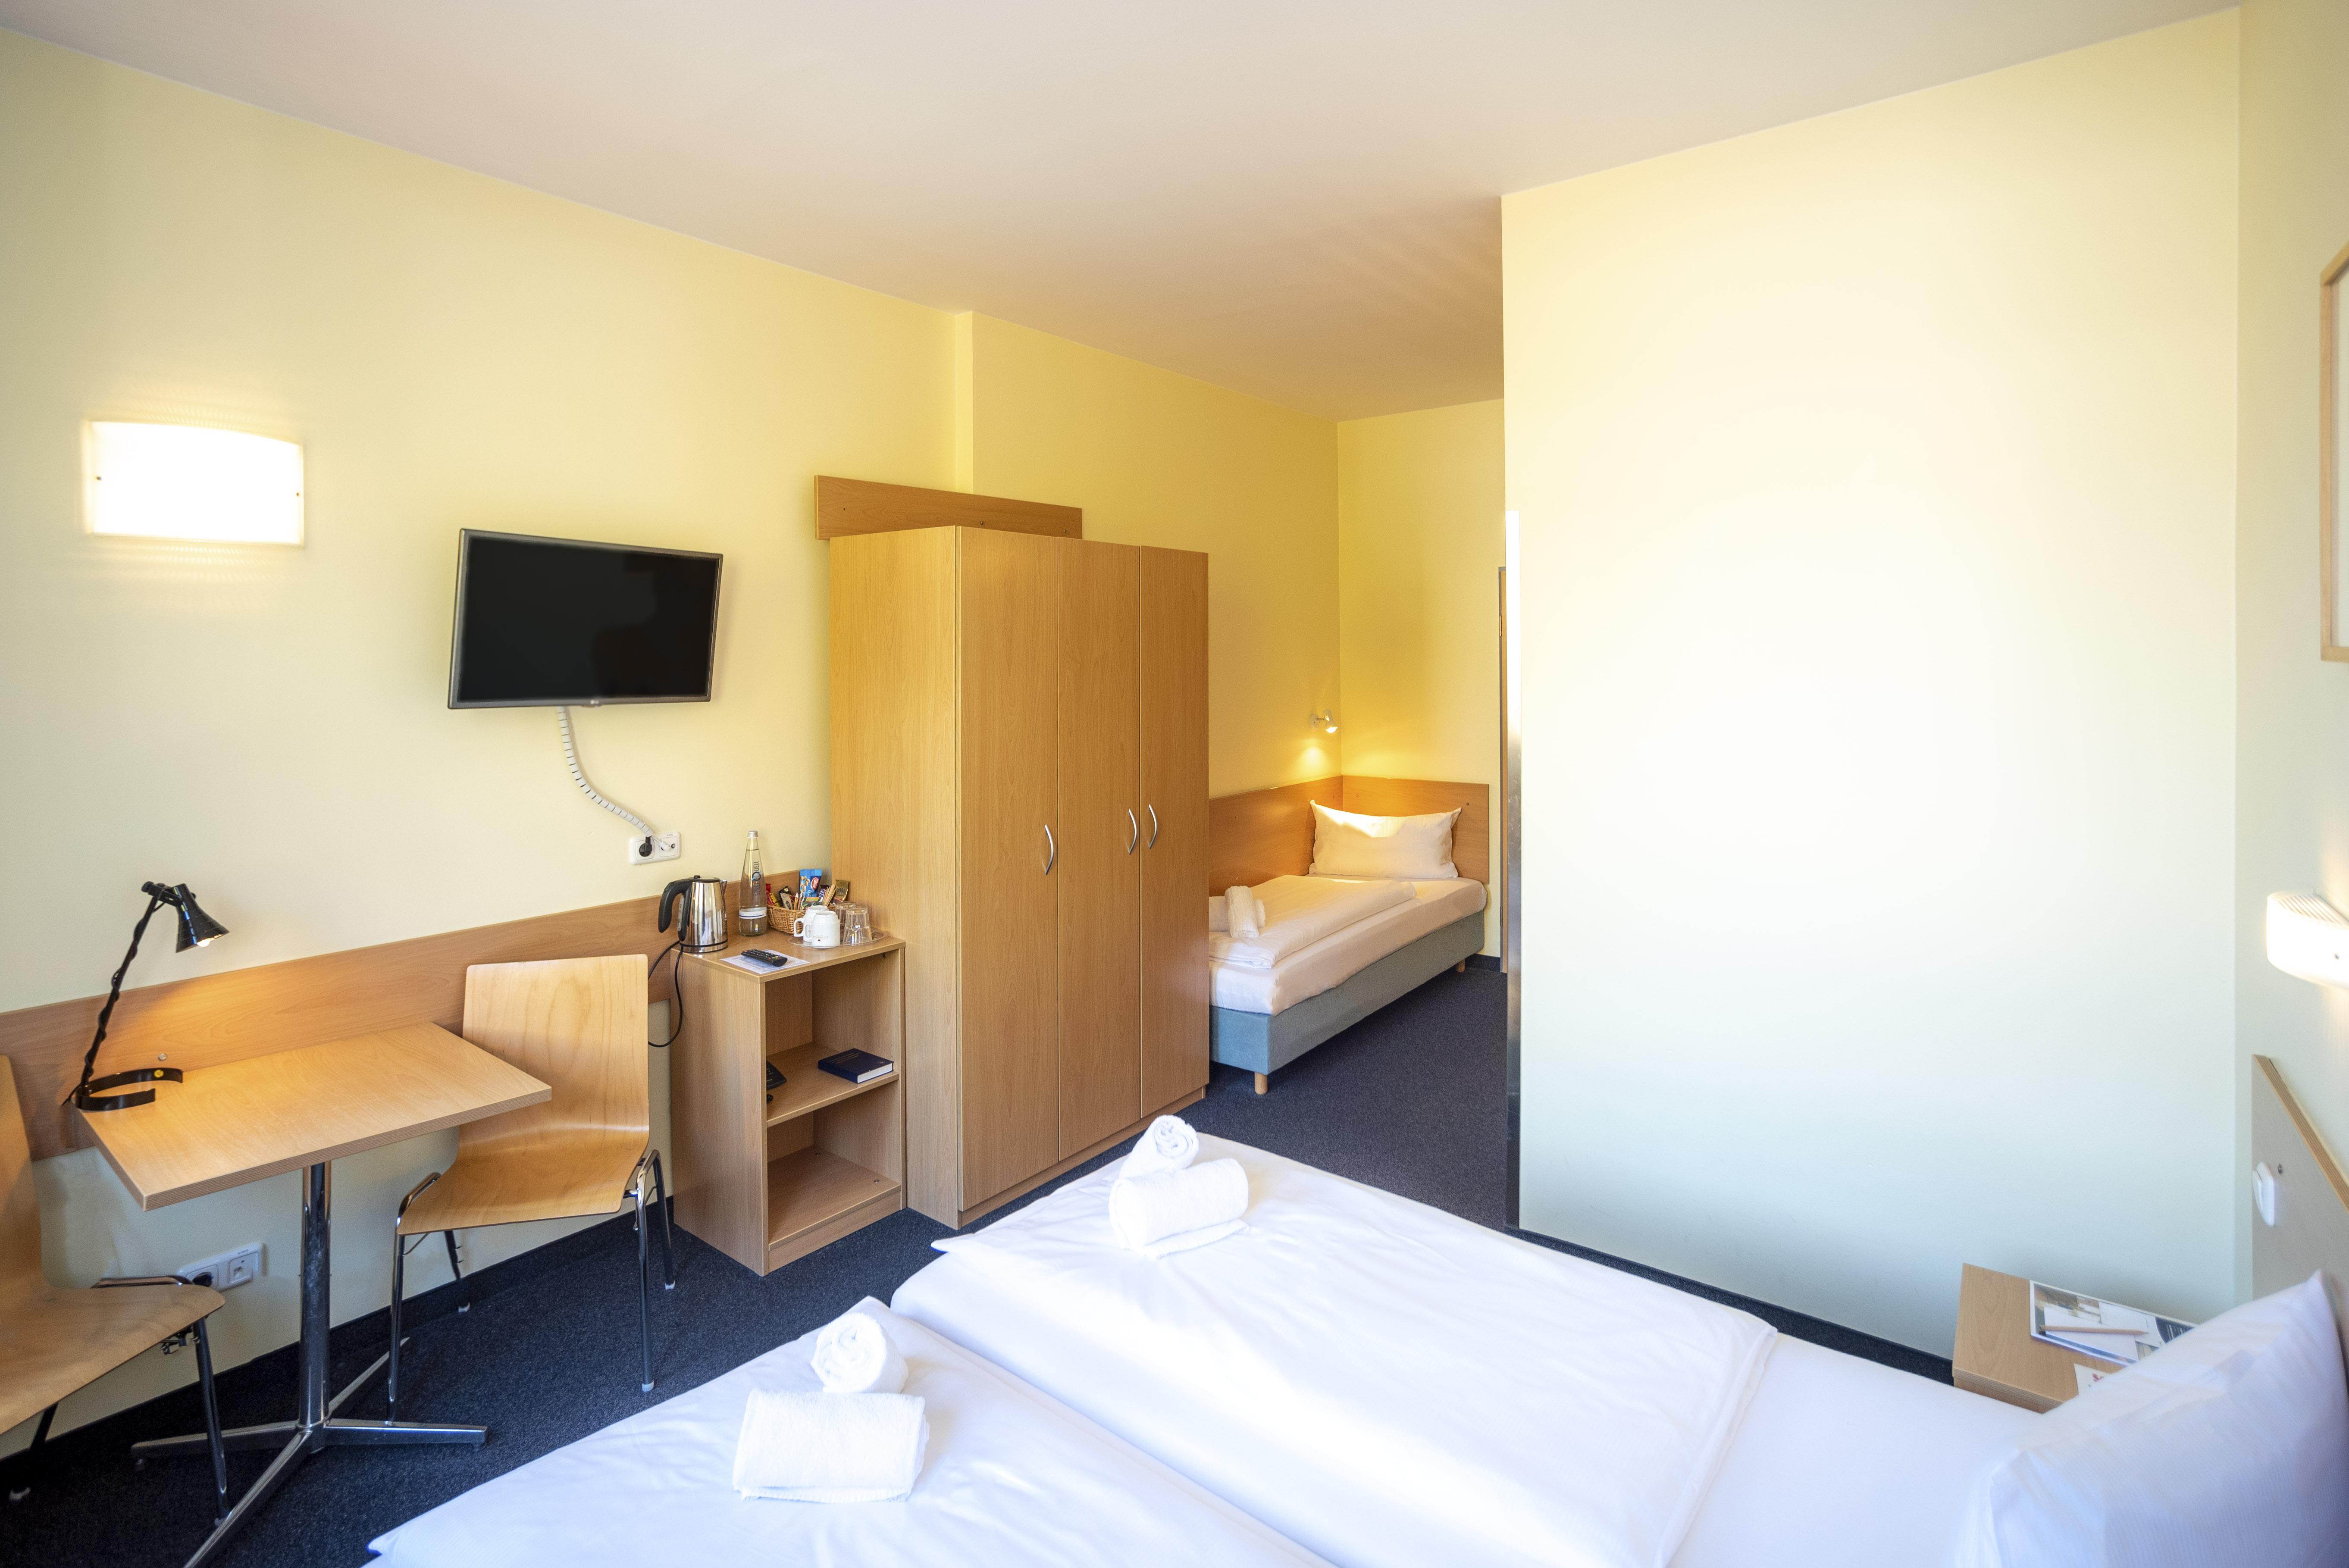 Dsc 3021 Bearbeitet Citylight Hotel Berlin